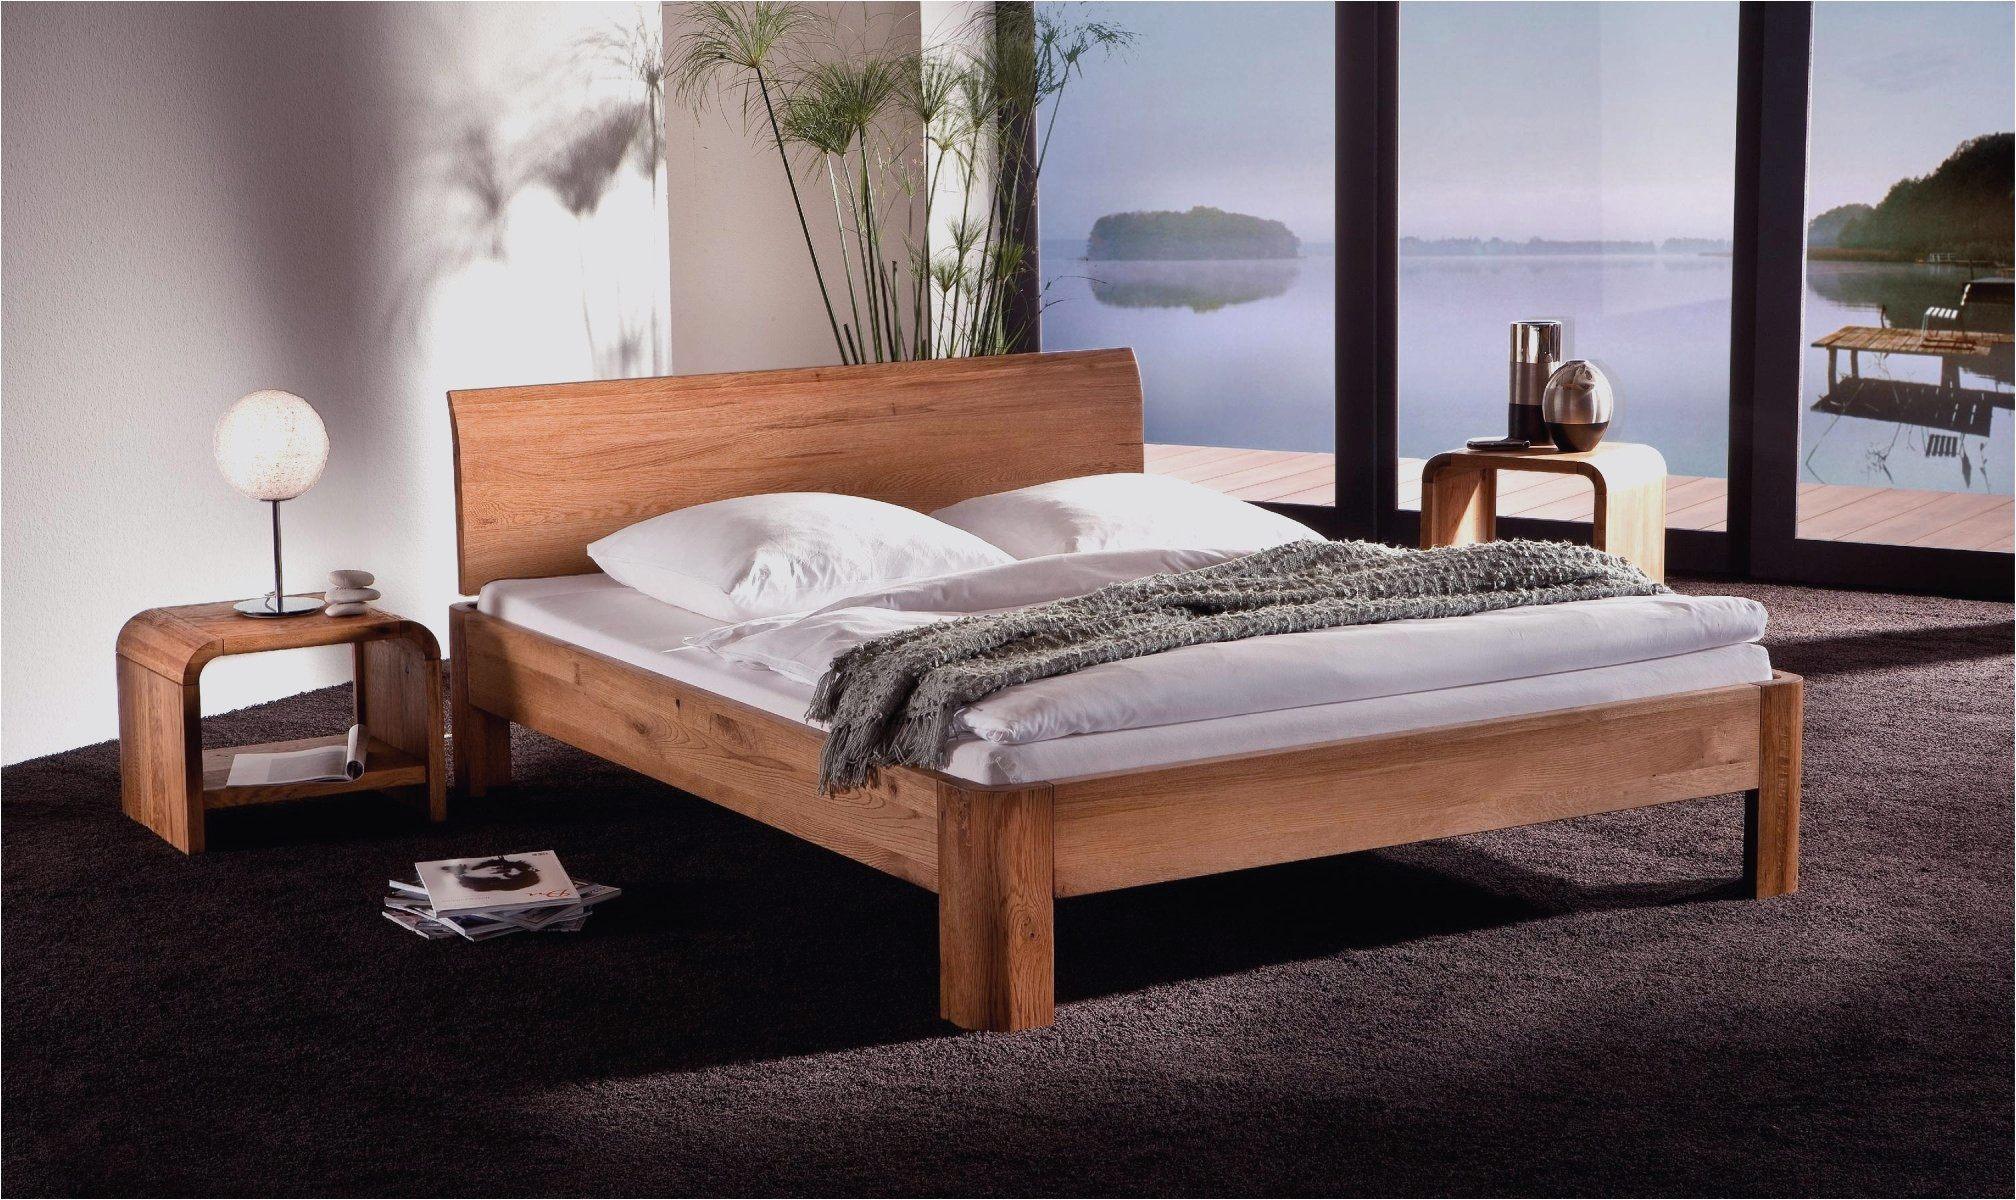 Lit En Bois 160×200 Luxe Lit Design 160—200 Prodigous Image Tate De Lit Bois Ikea Lit 160—200